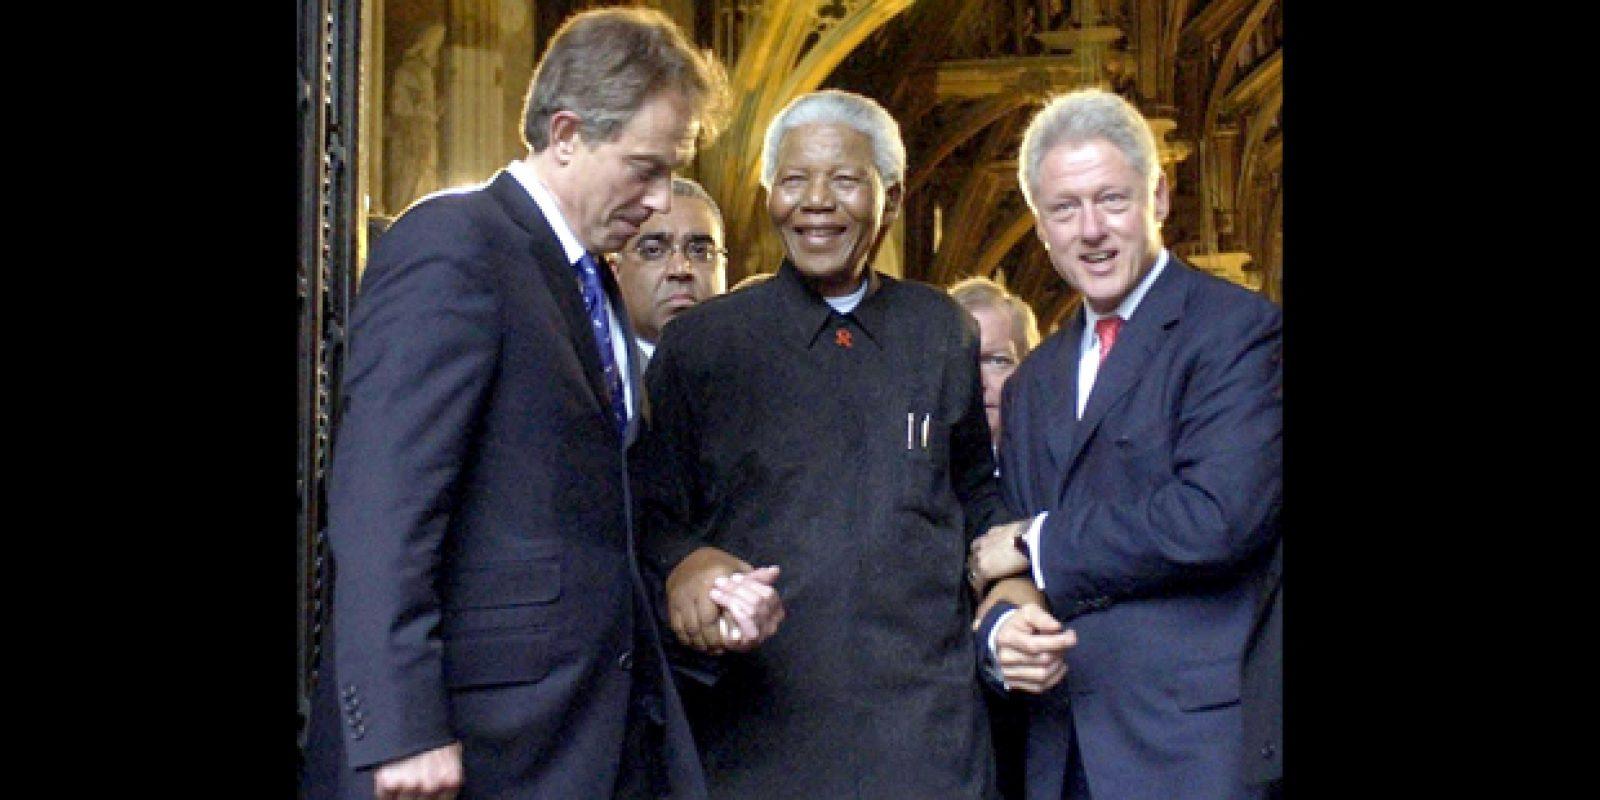 Registro de 2003 com o ex-presidente da África do Sul Nelson Mandela, Tony Blair, ex-primeiro-ministro britânico, e Bill Clinton, ex-presidente norte-americano, após jantar de gala em Londres, na Inglaterra | Chris Young/Reuters